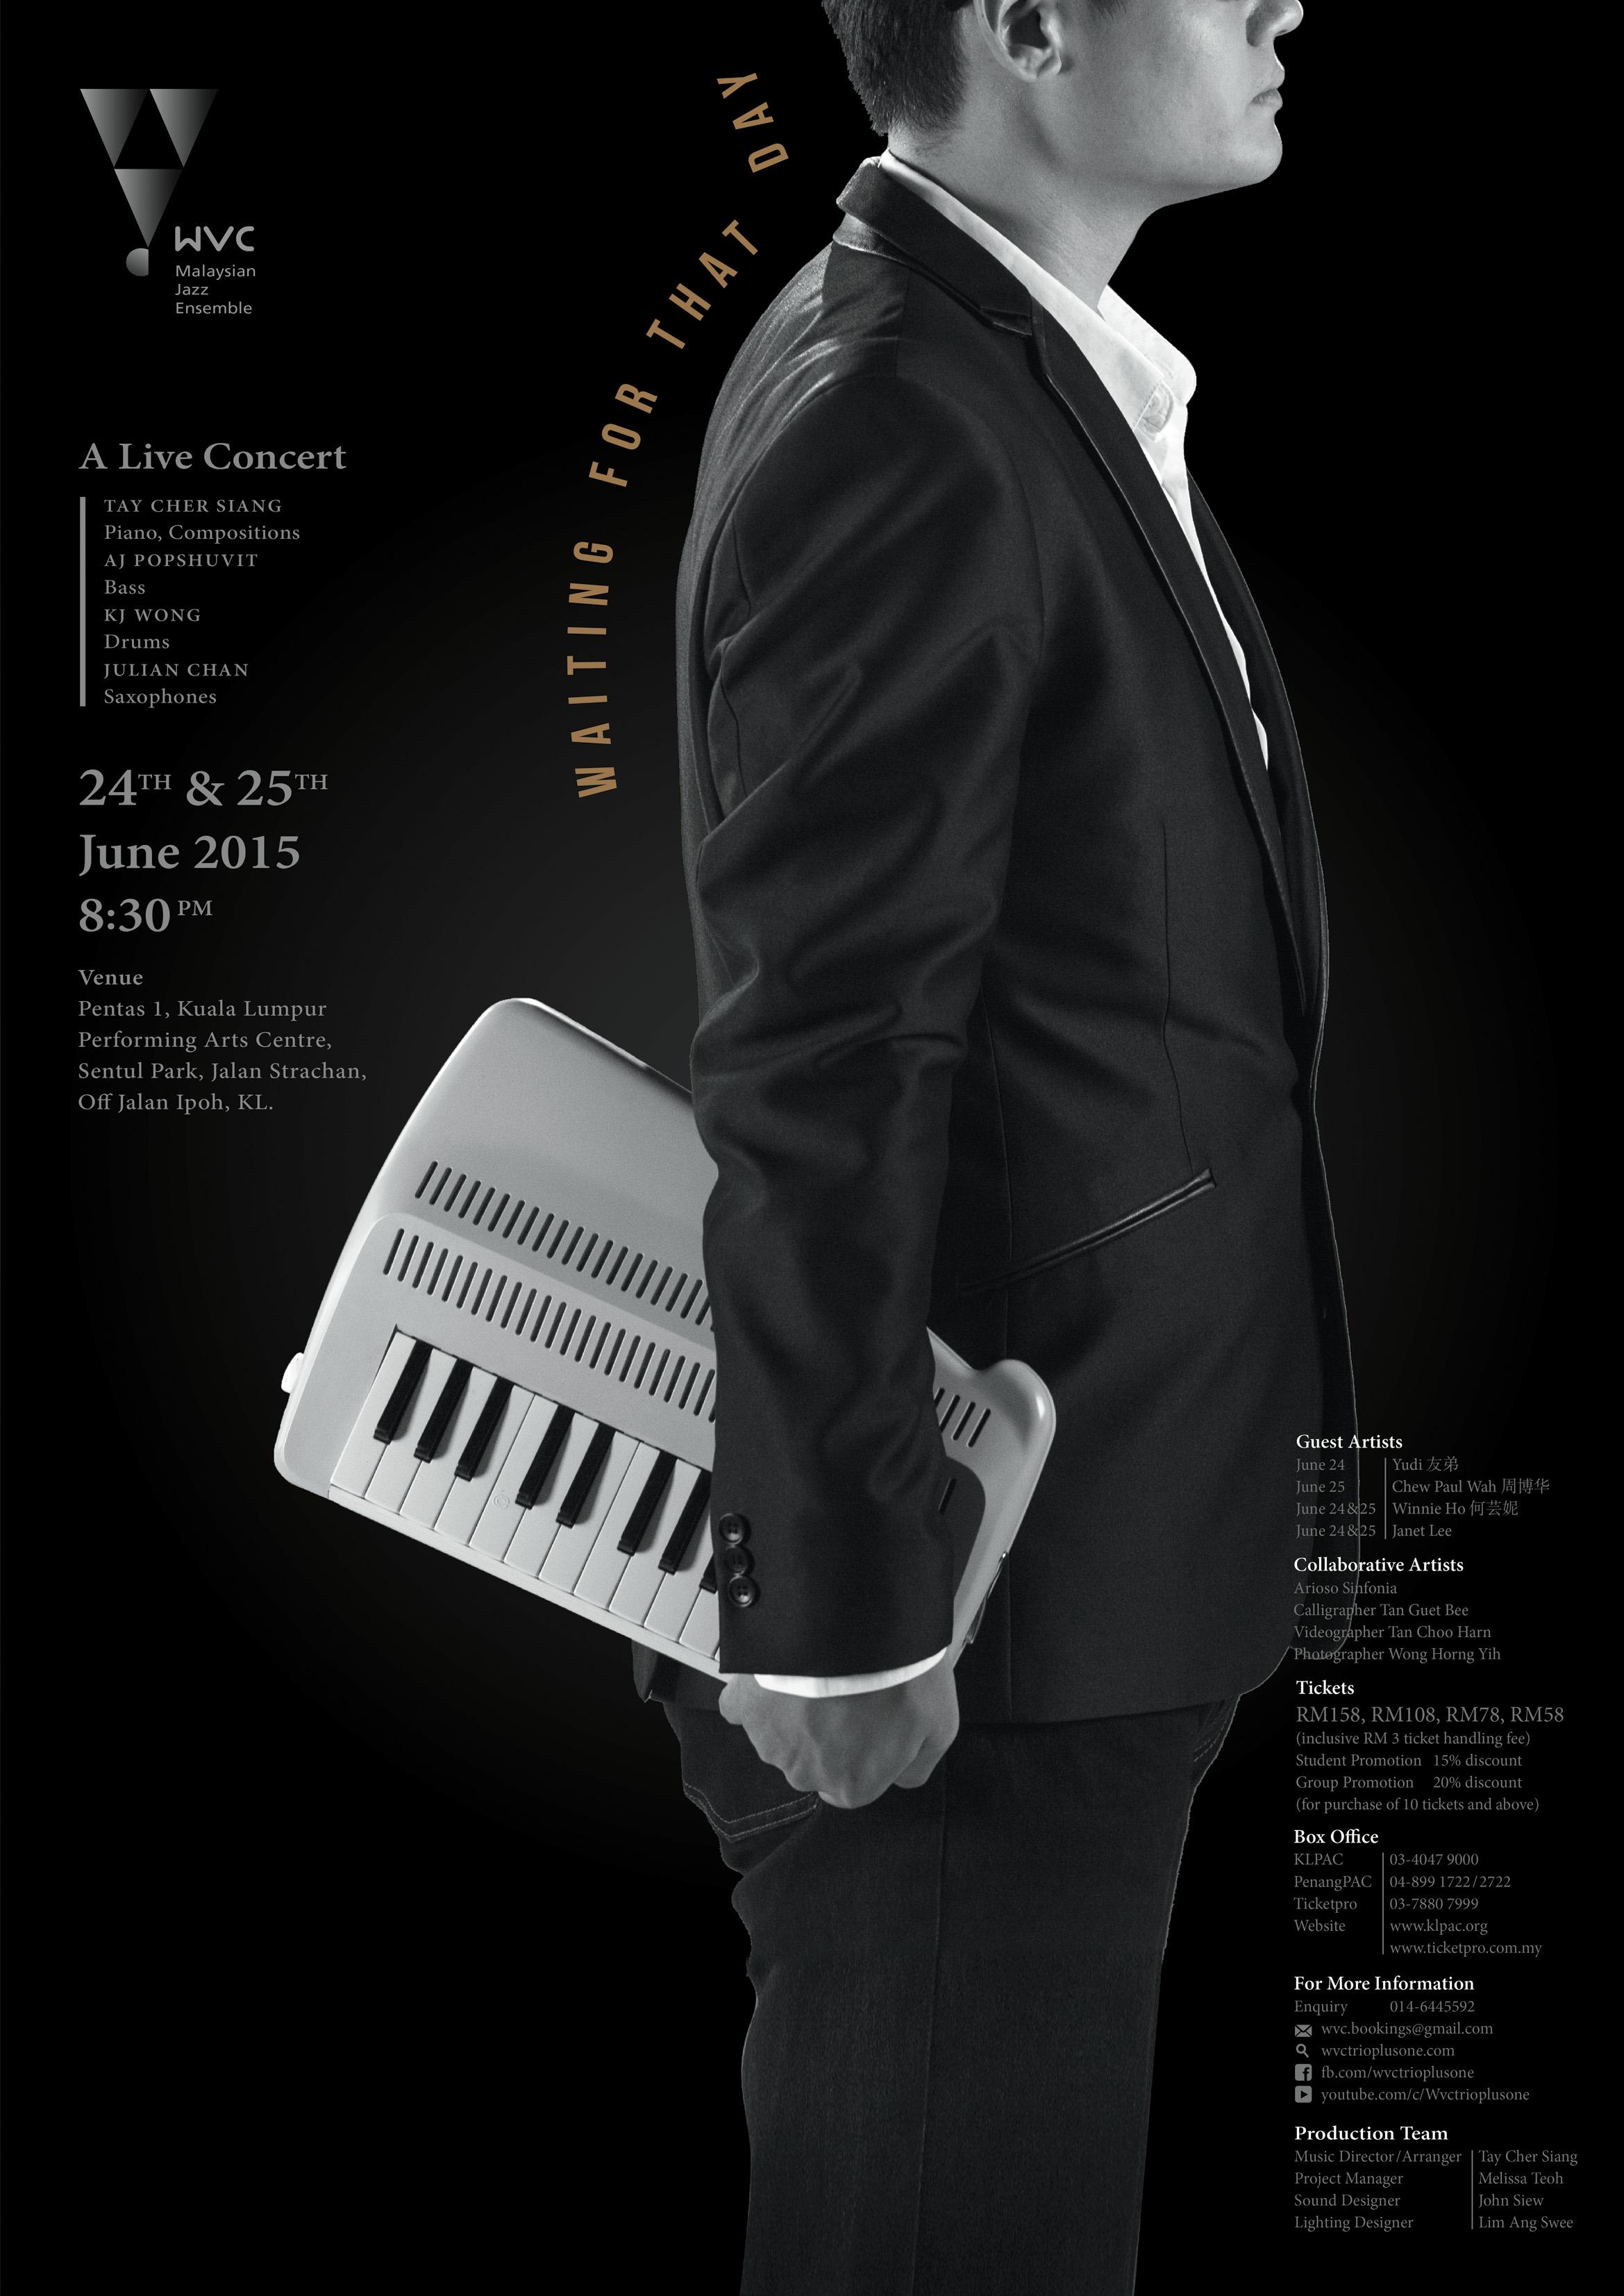 WVC Poster 2015 Final-2